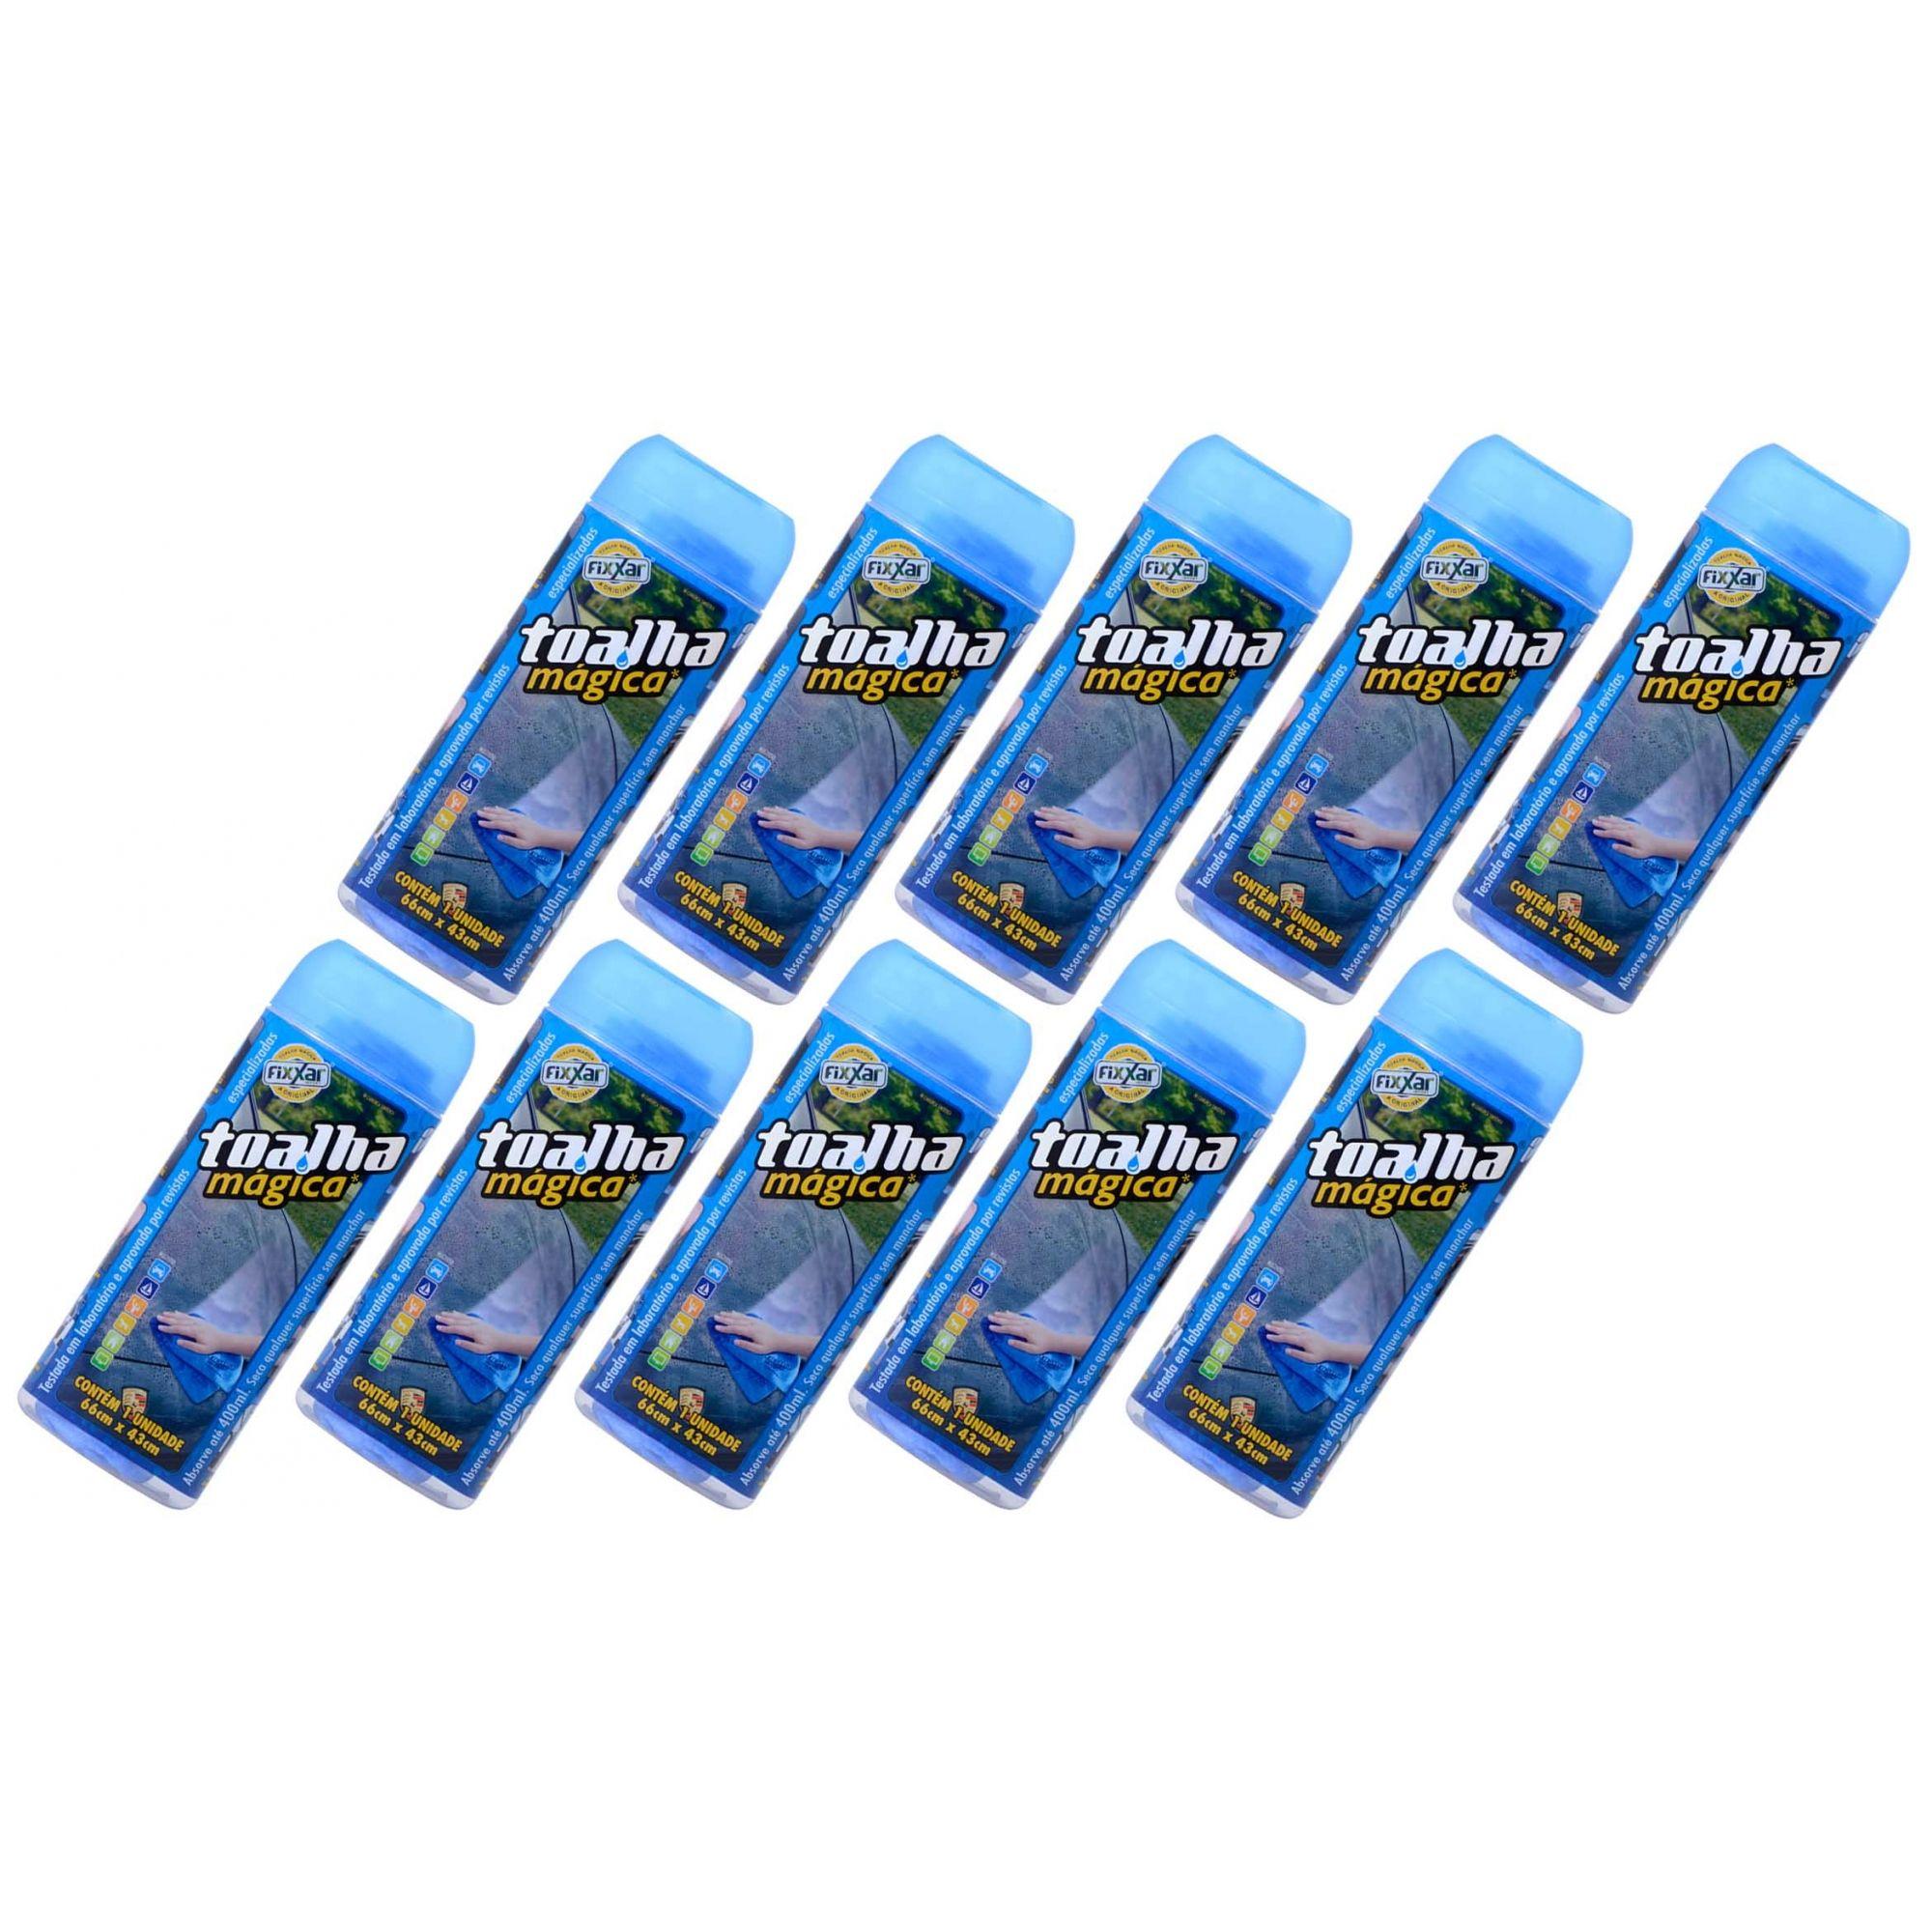 Toalha Mágica Fixxar Original Multiuso Kit com 10 Absorve Até 400ml de Líquidos Limpa Seca